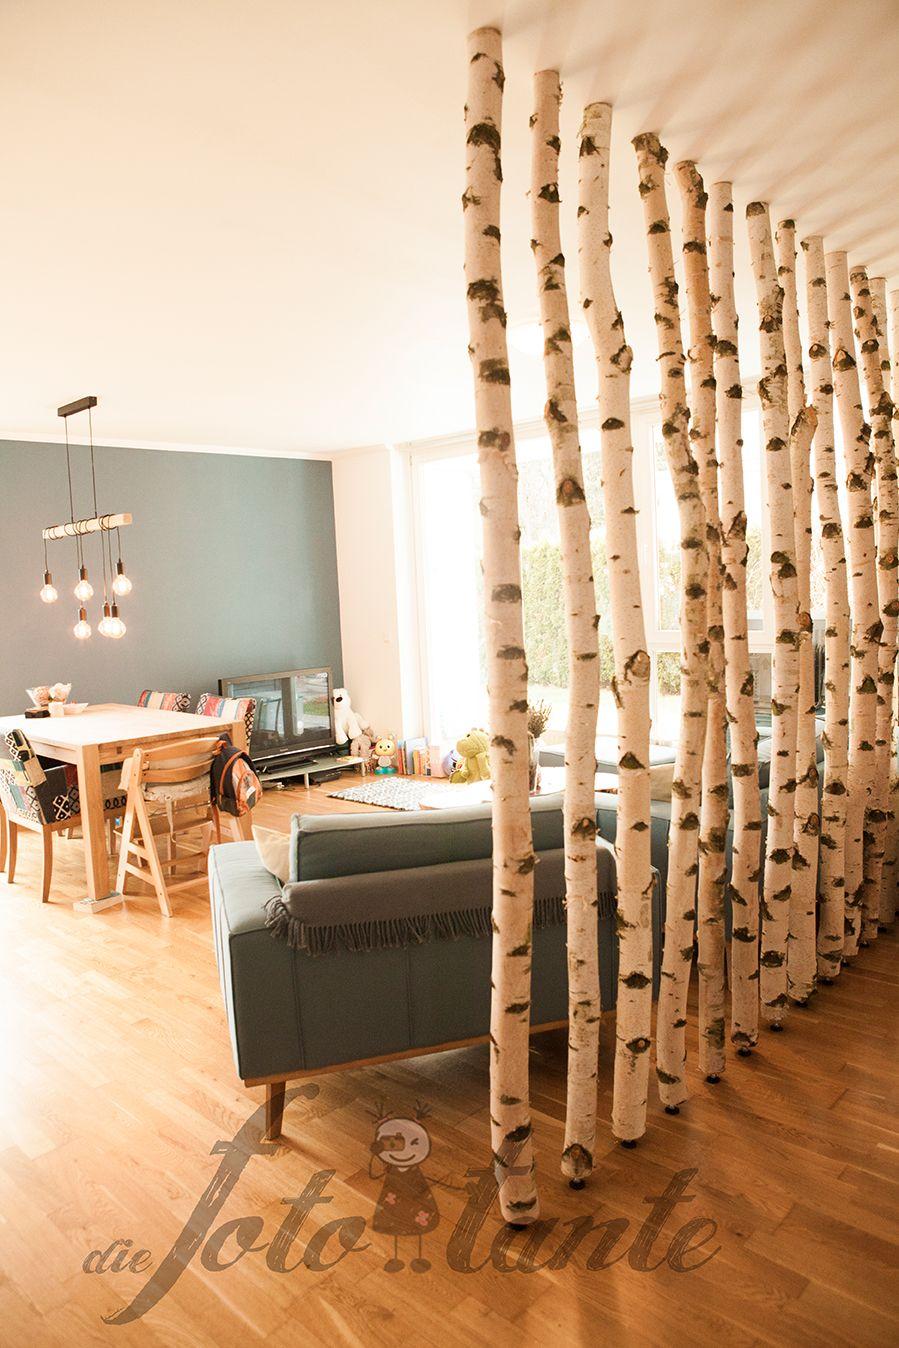 Trennwand #Wohnwand #Birkenstämme #Holz #dieFototante ...